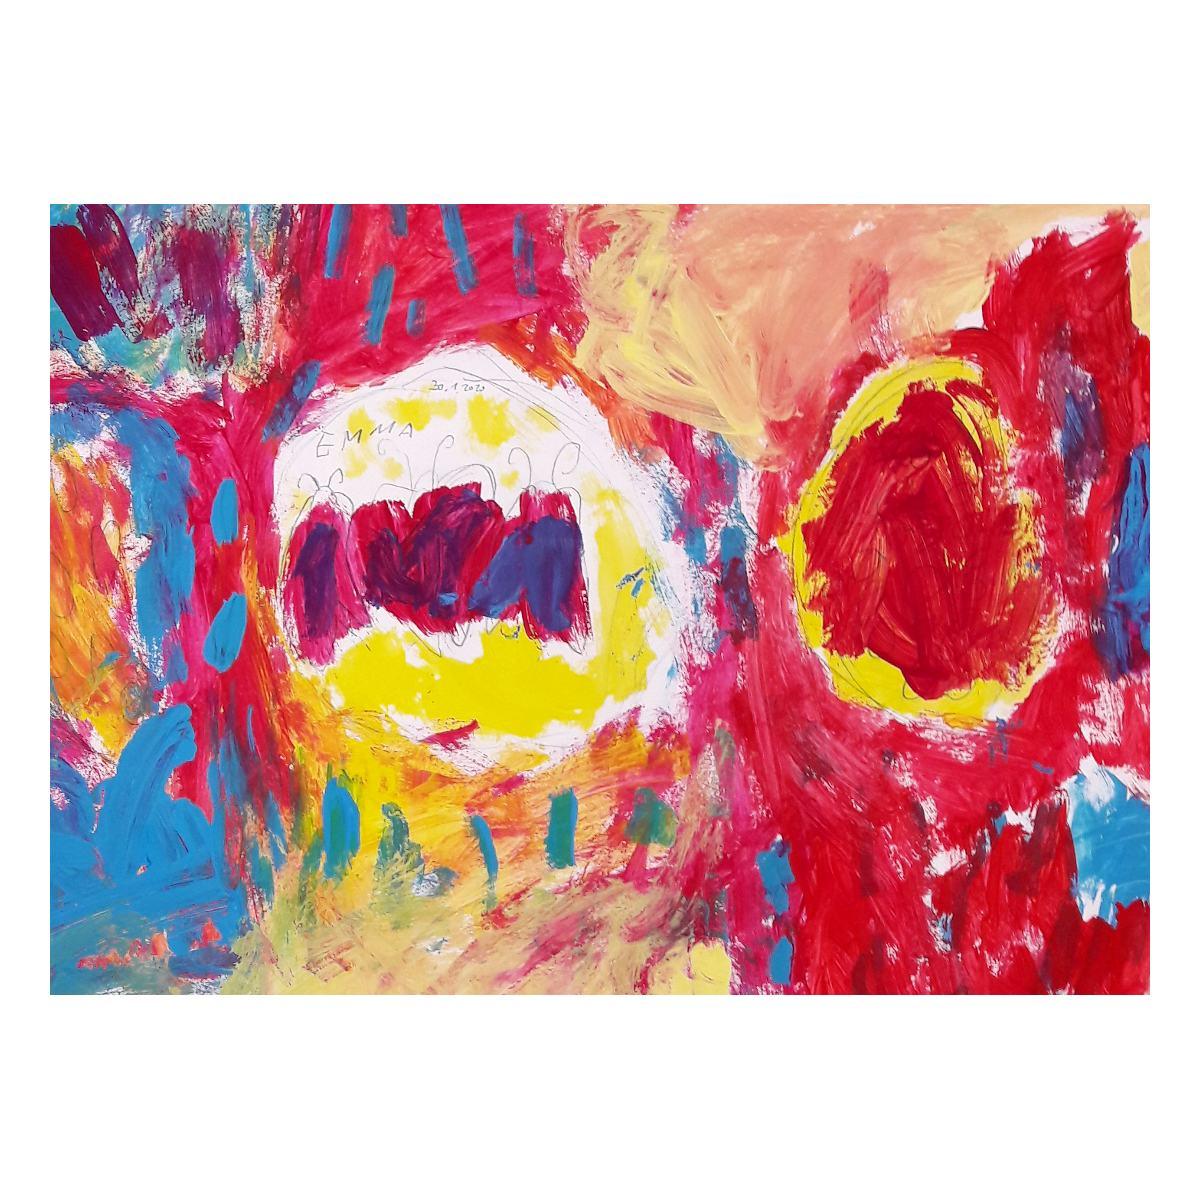 Emma, Malerei Mischfarben, Atelier Kunstgespür, Berlin-Grünau